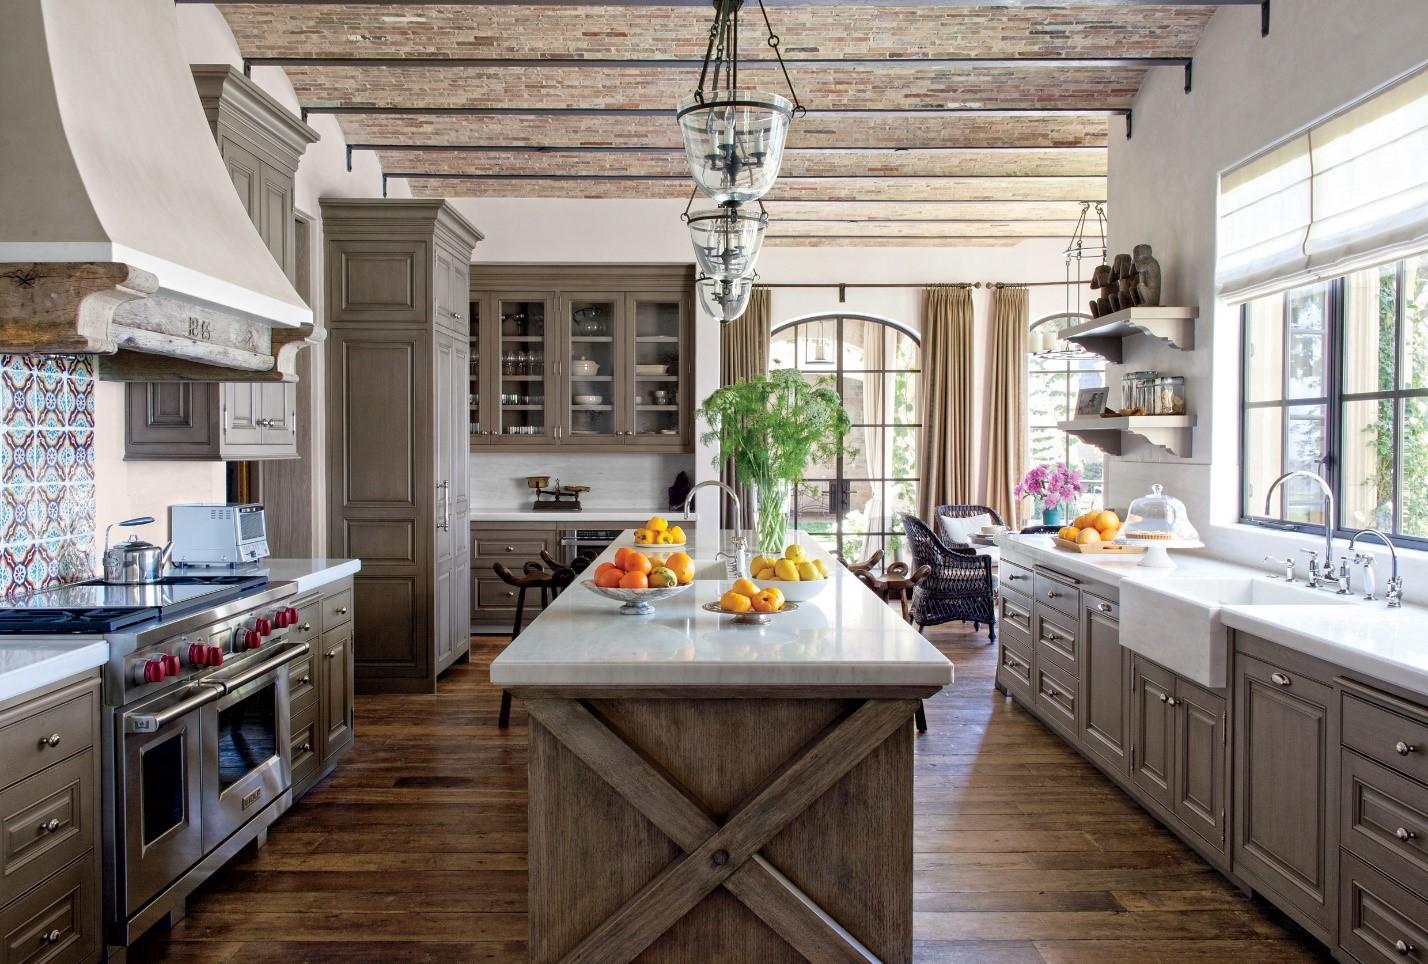 Островная планировка кухни в стиле Кантри